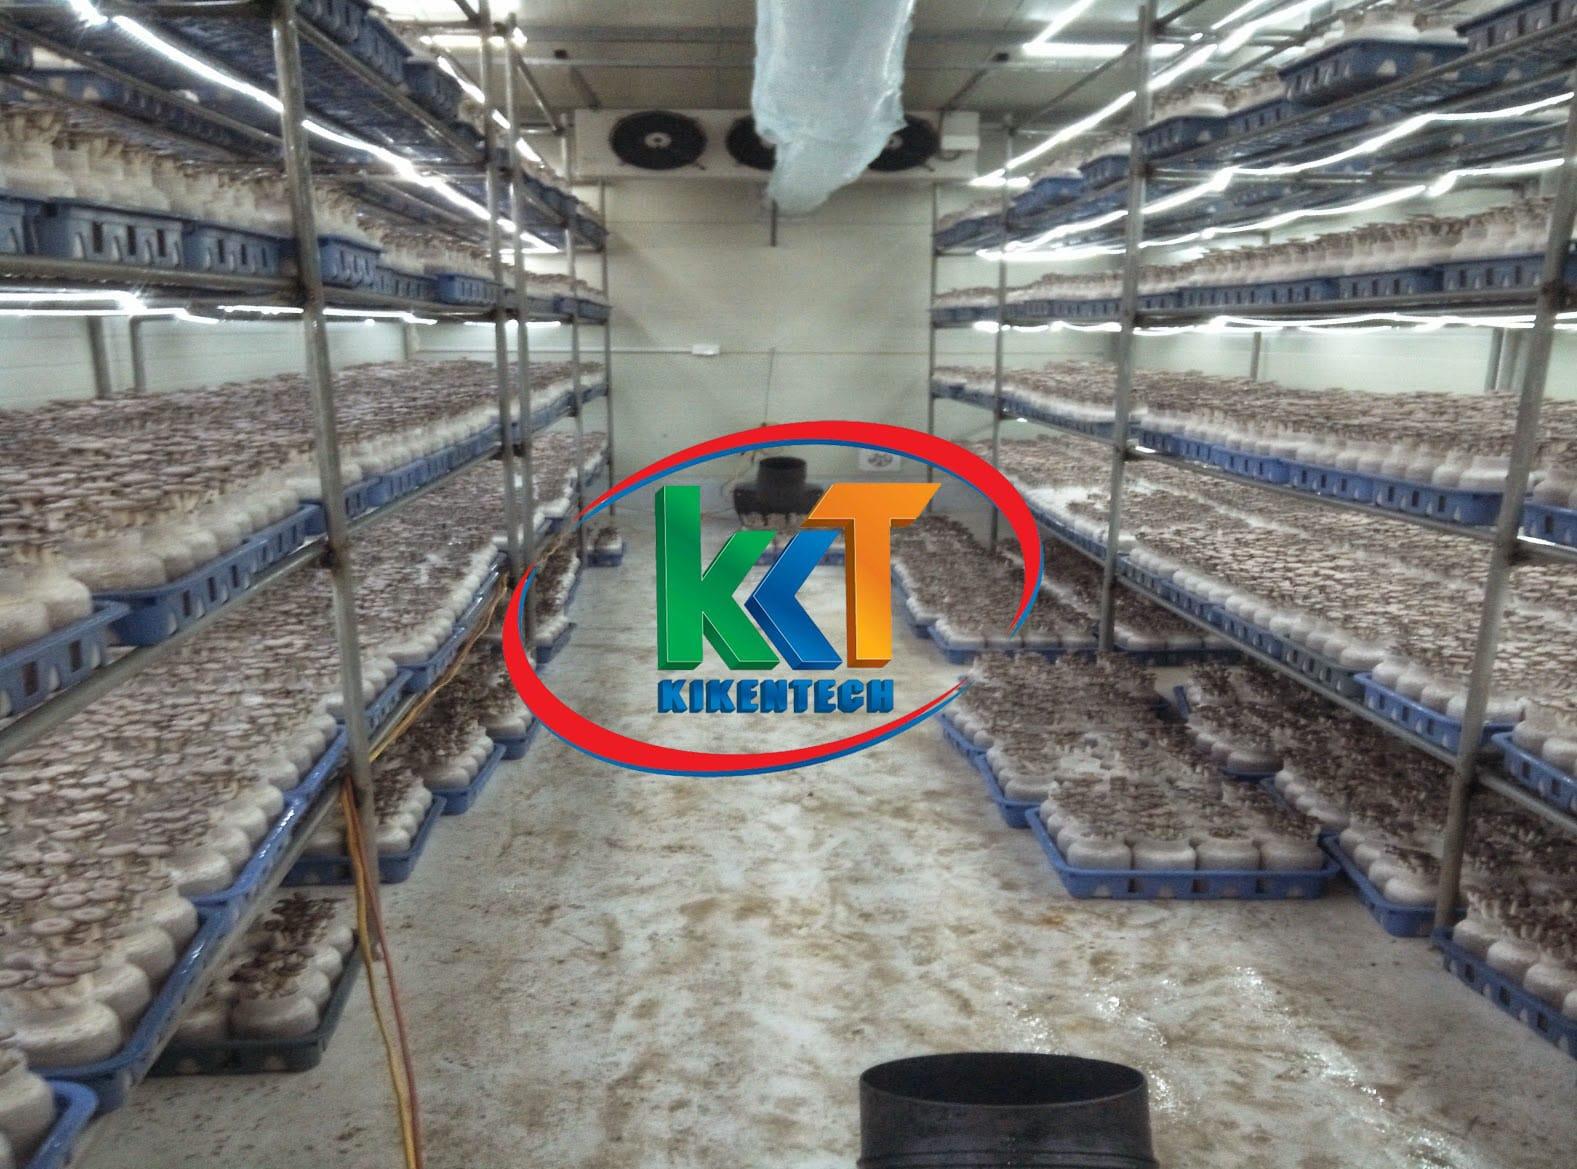 Lắp đặt kho lạnh nông sản, lắp đặt kho lạnh bảo quản nông sản giúp bà con nông dân và doanh nghiệp phát triển